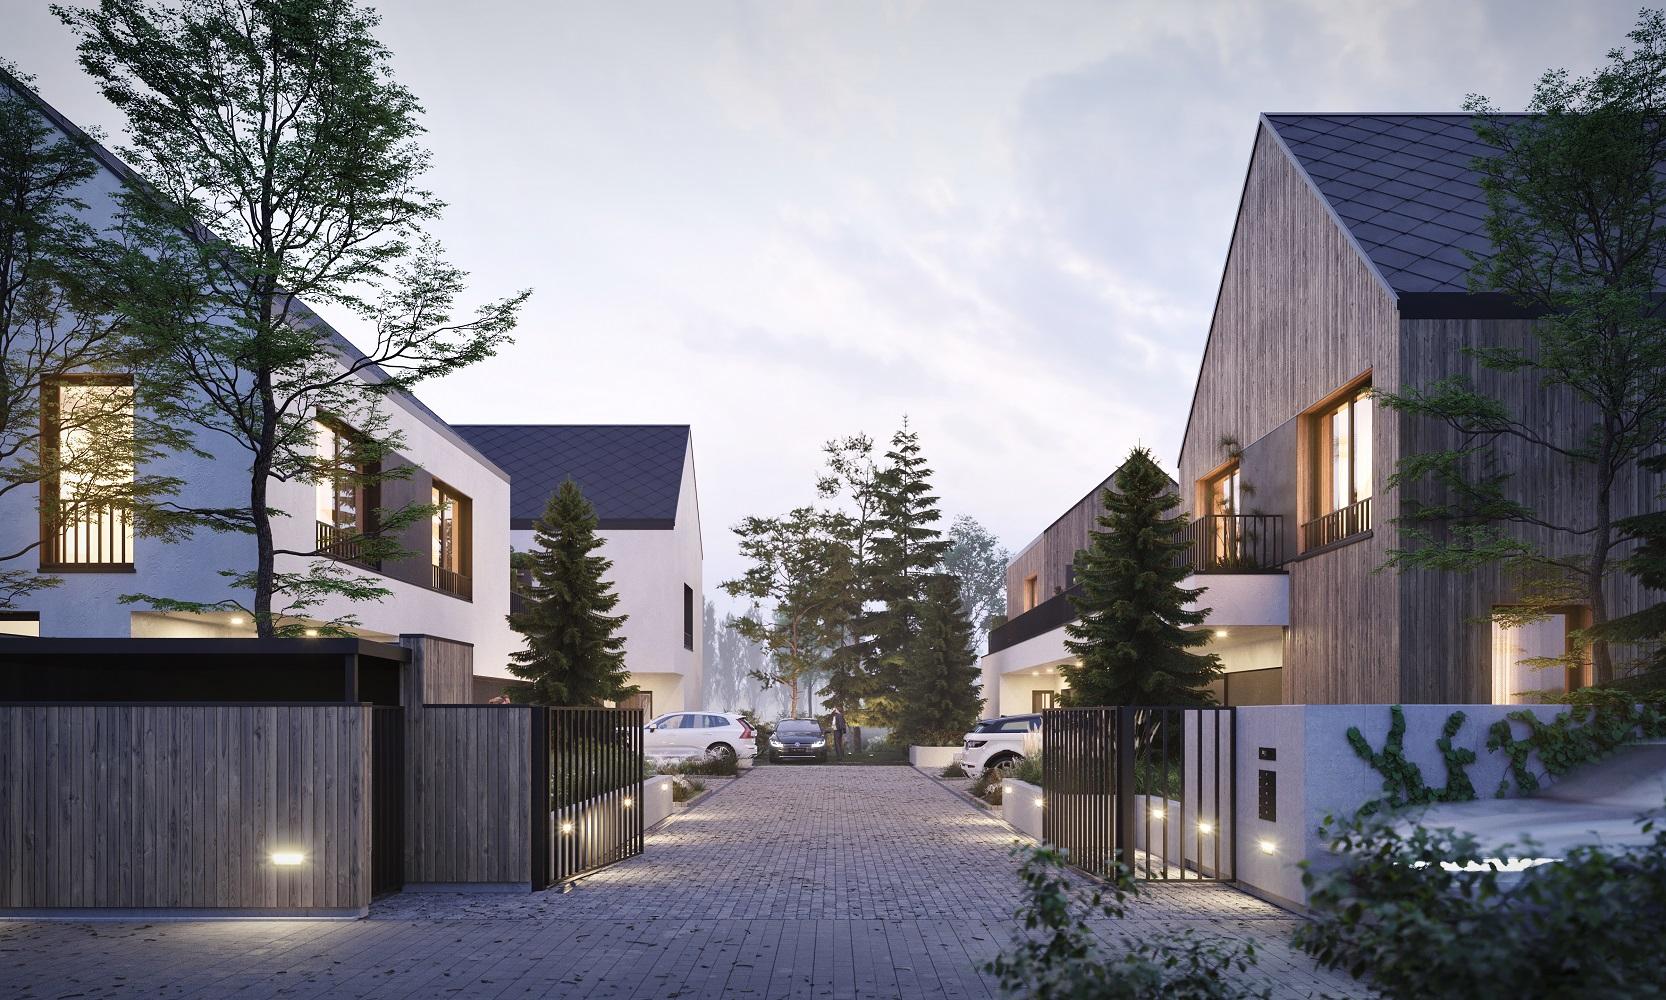 Architektura dialogu – osiedle unikatowych domów Zendo Wilanów